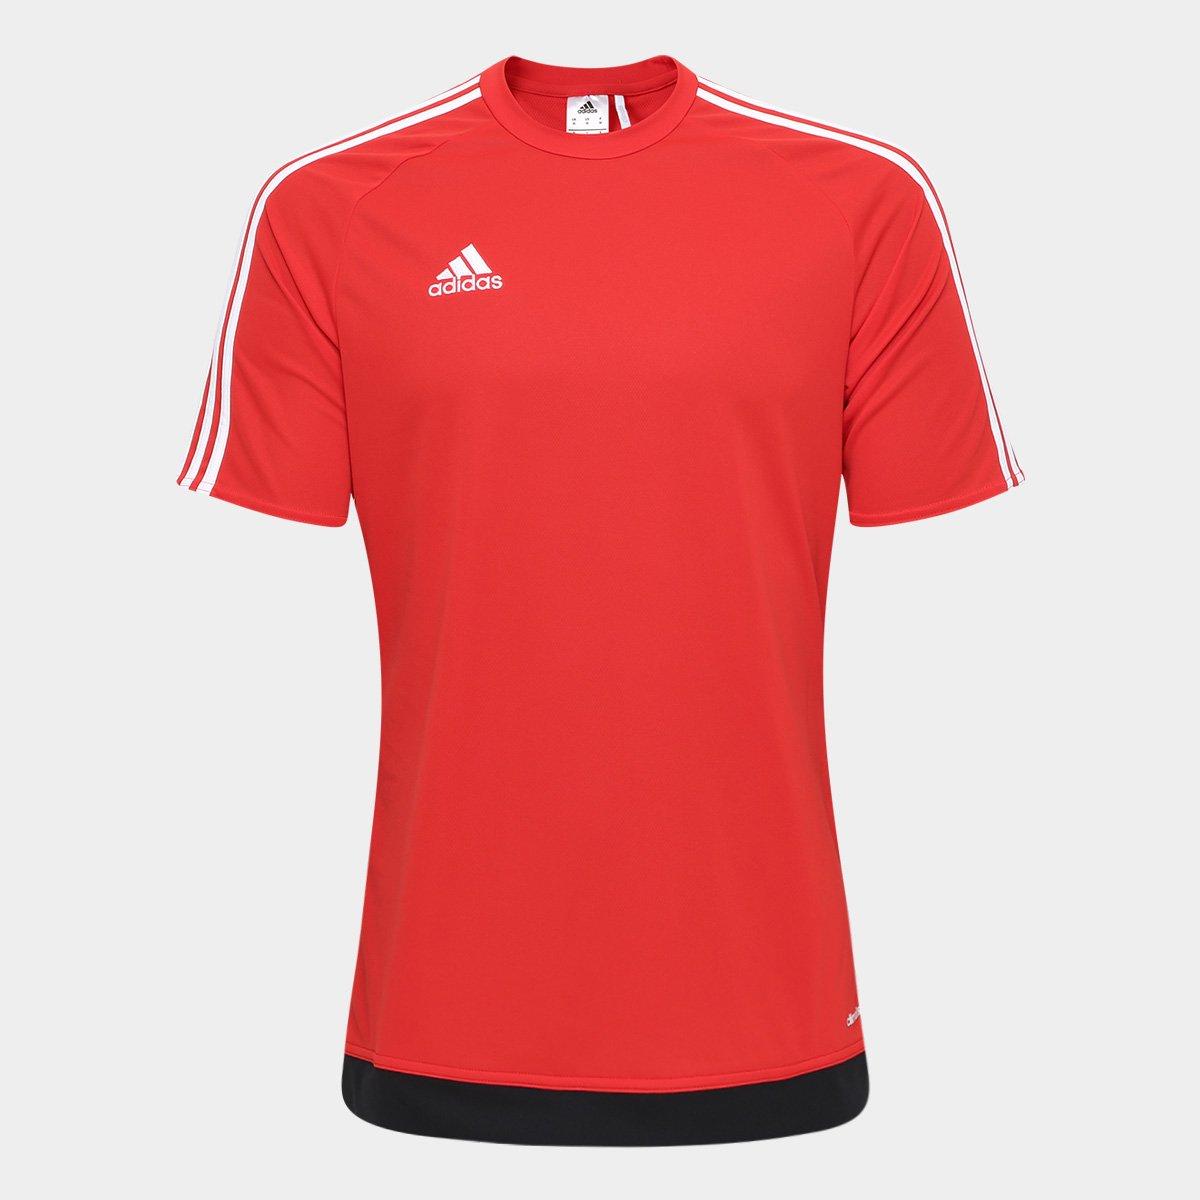 0d9a6c4f09 Camisa Adidas Estro 15 Masculina - Vermelho e Preto - Compre Agora ...